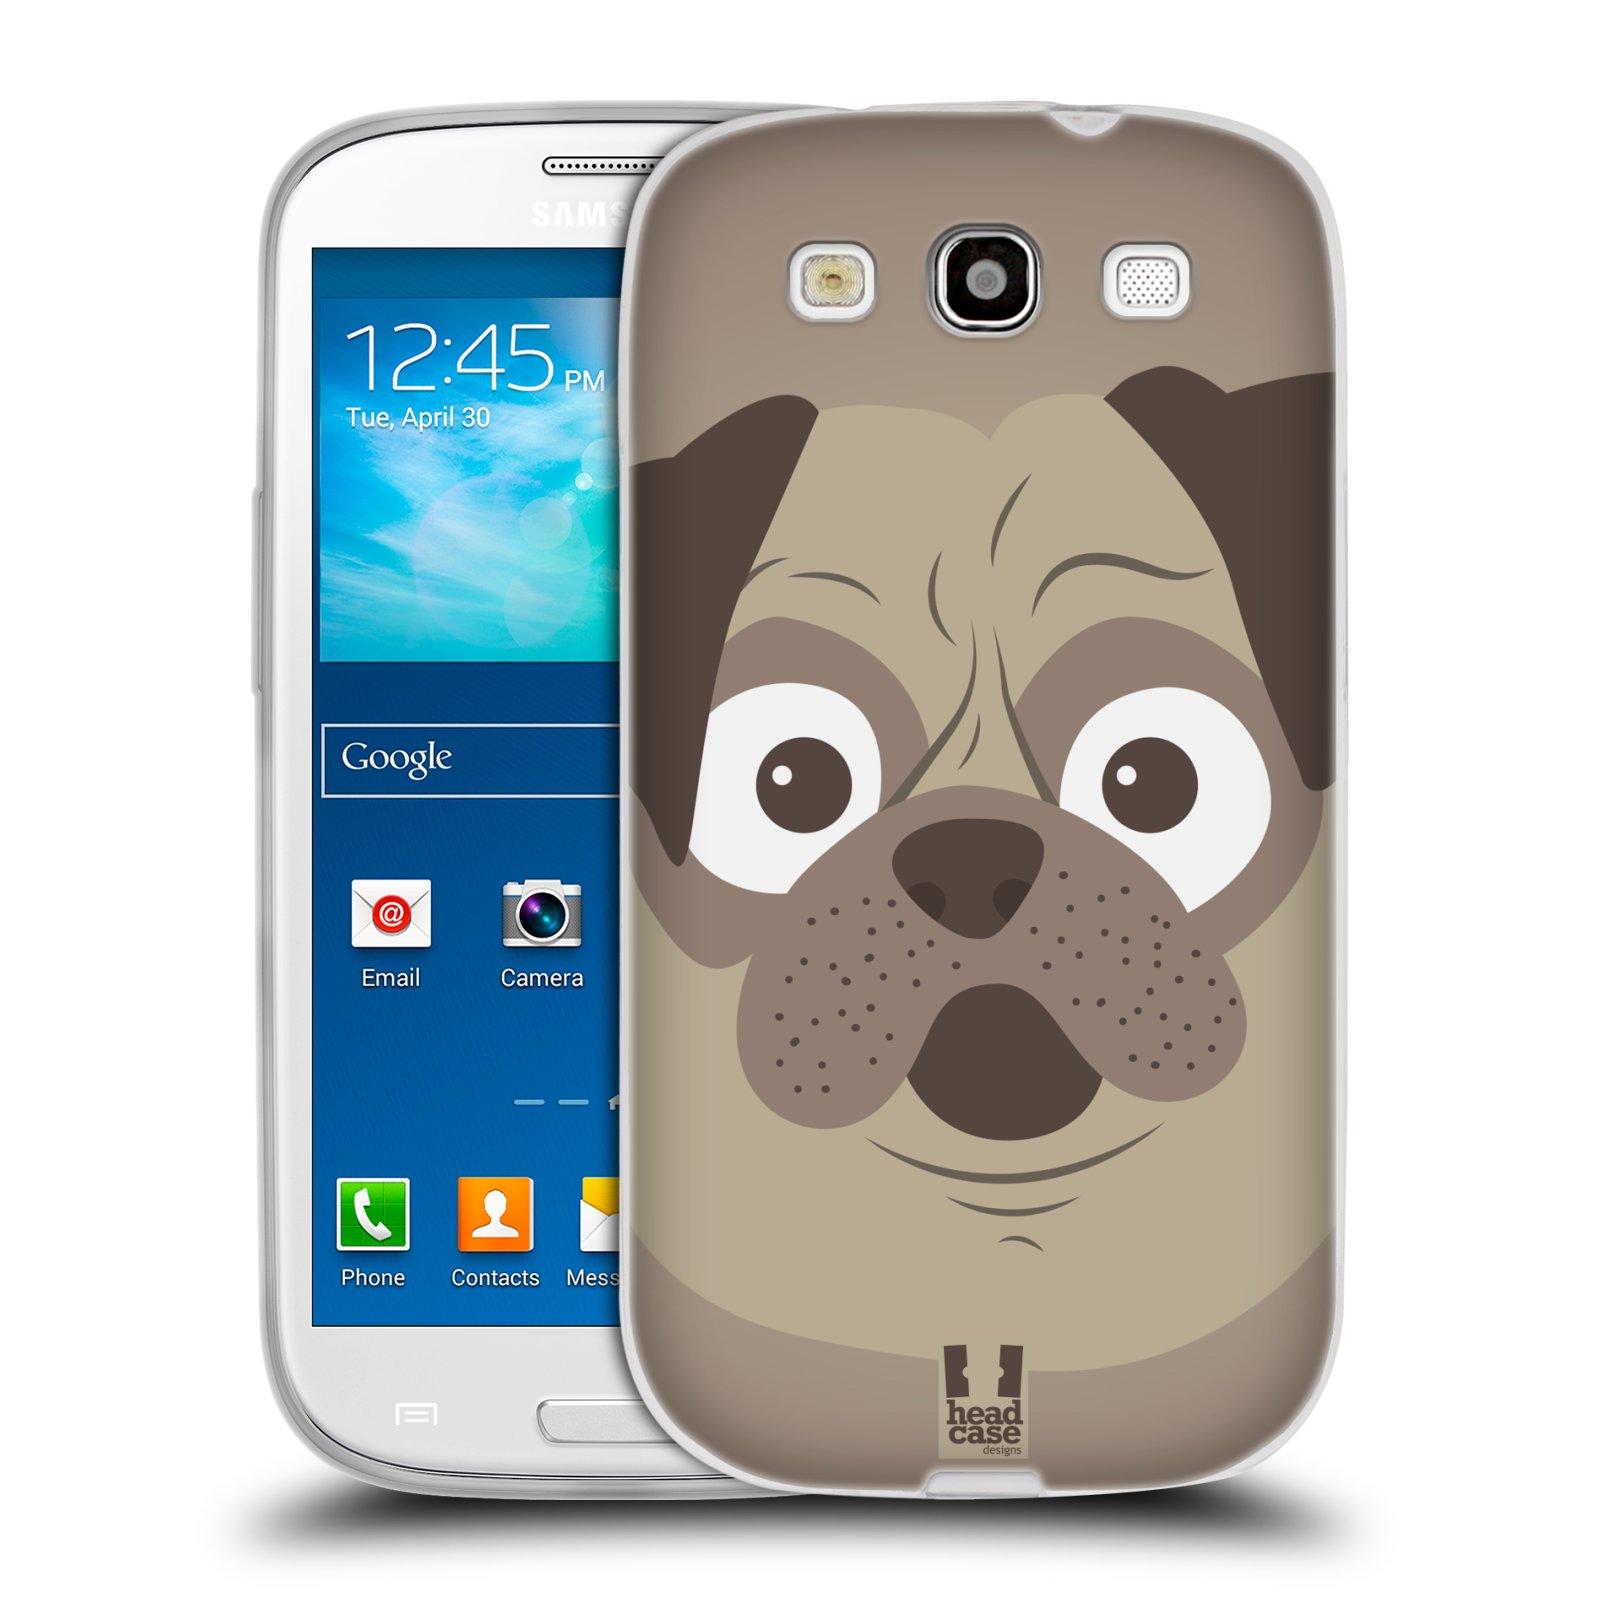 HEAD CASE silikonový obal na mobil Samsung Galaxy S3 i9300 vzor Cartoon Karikatura barevná kreslená zvířátka pes mopsík